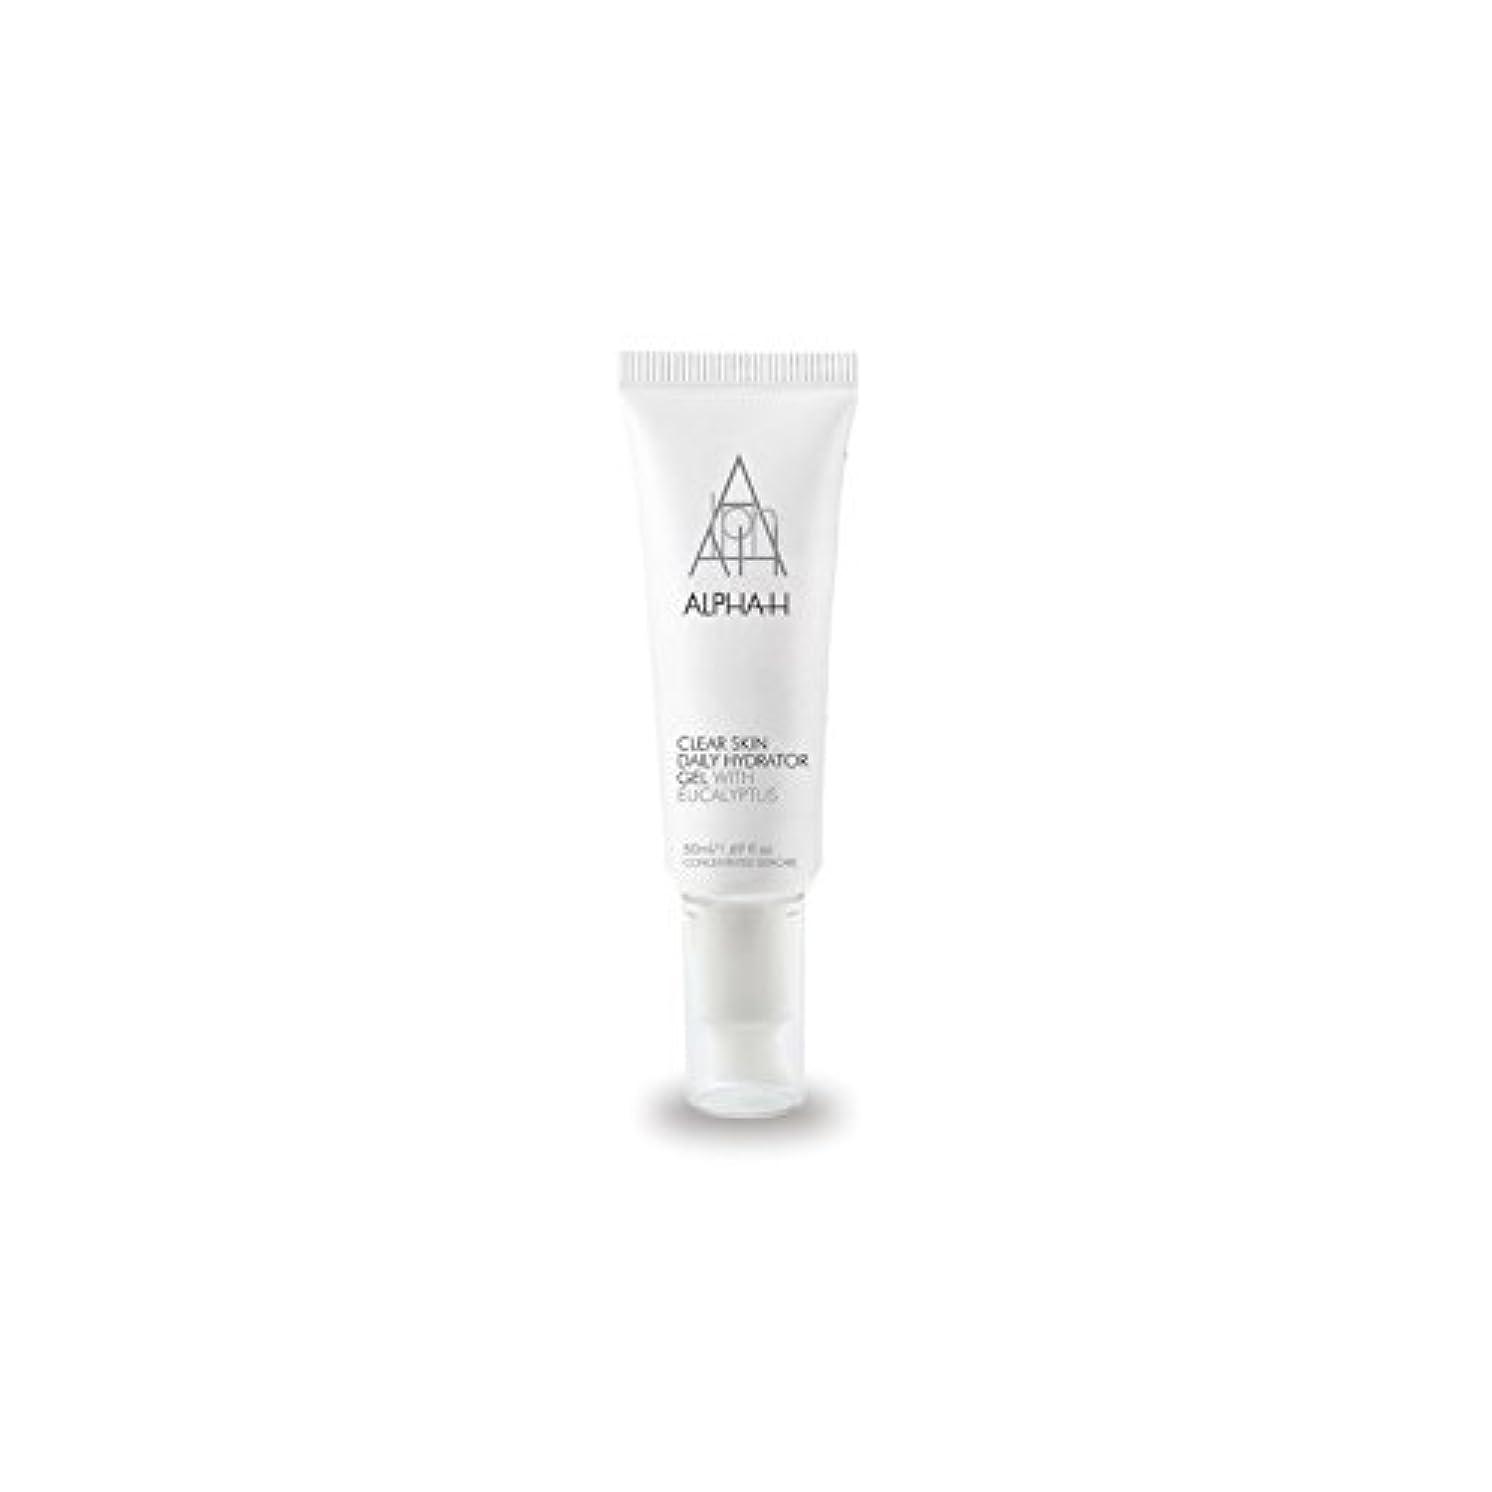 矢じり合理化補助金アルファクリア皮膚毎日ハイドレーターゲル(50)中 x2 - Alpha-H Clear Skin Daily Hydrator Gel (50ml) (Pack of 2) [並行輸入品]